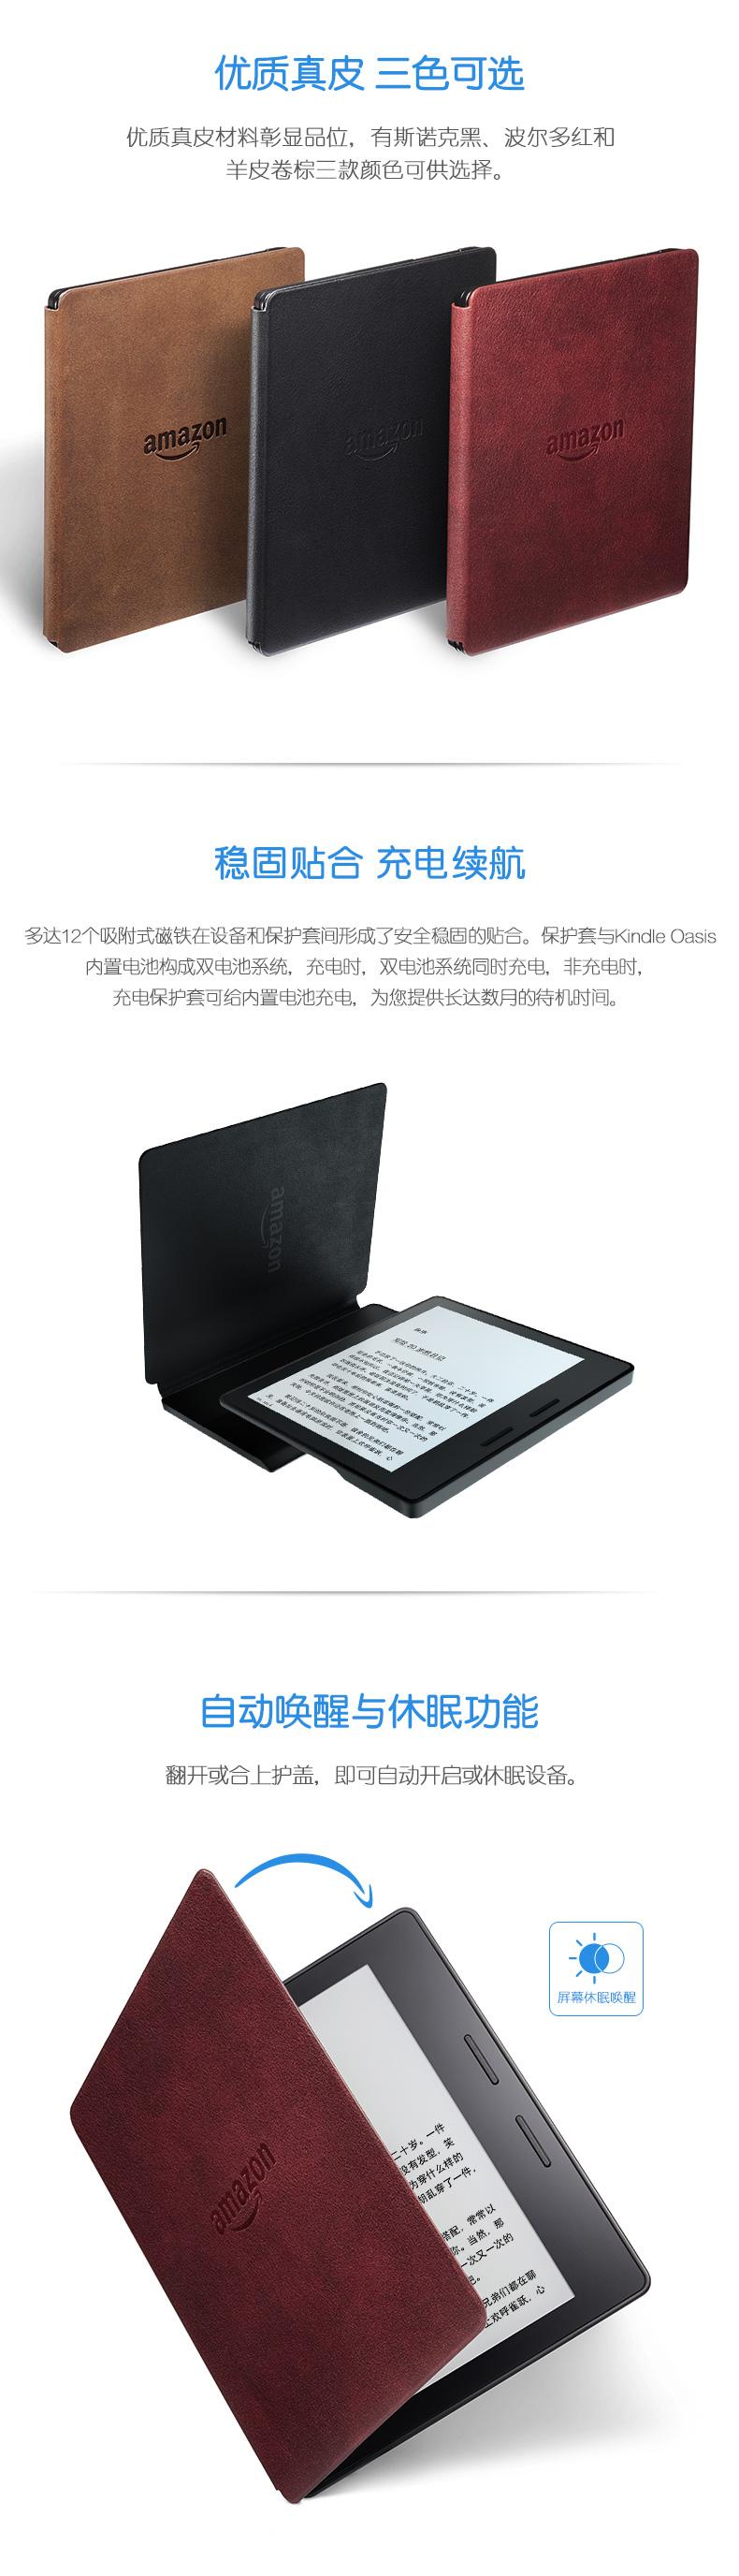 Kindle Oasis保护套